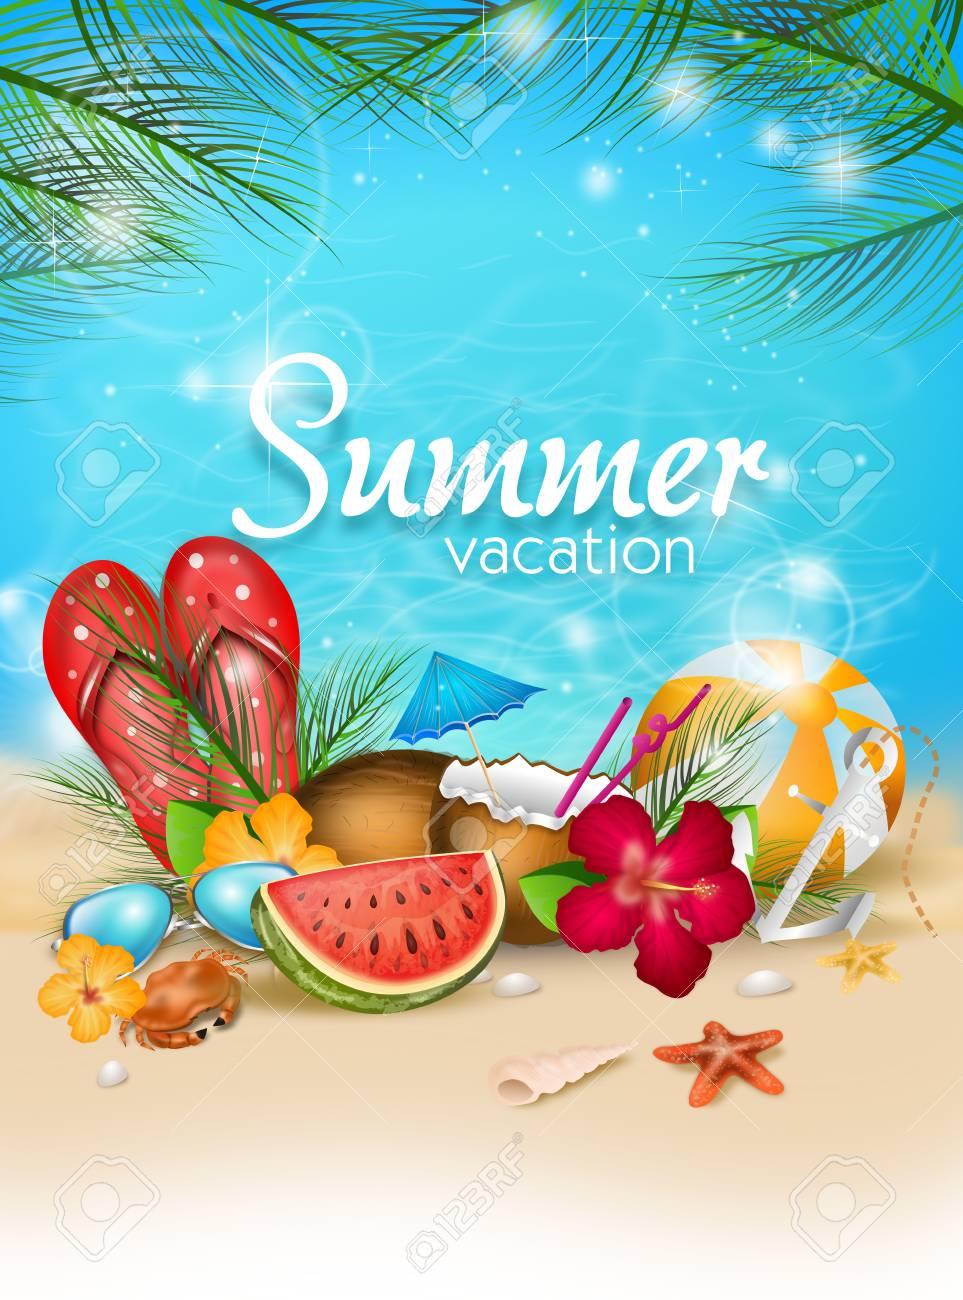 夏の装飾とテキスト夏休み夏ポスターのイラスト の写真素材画像素材